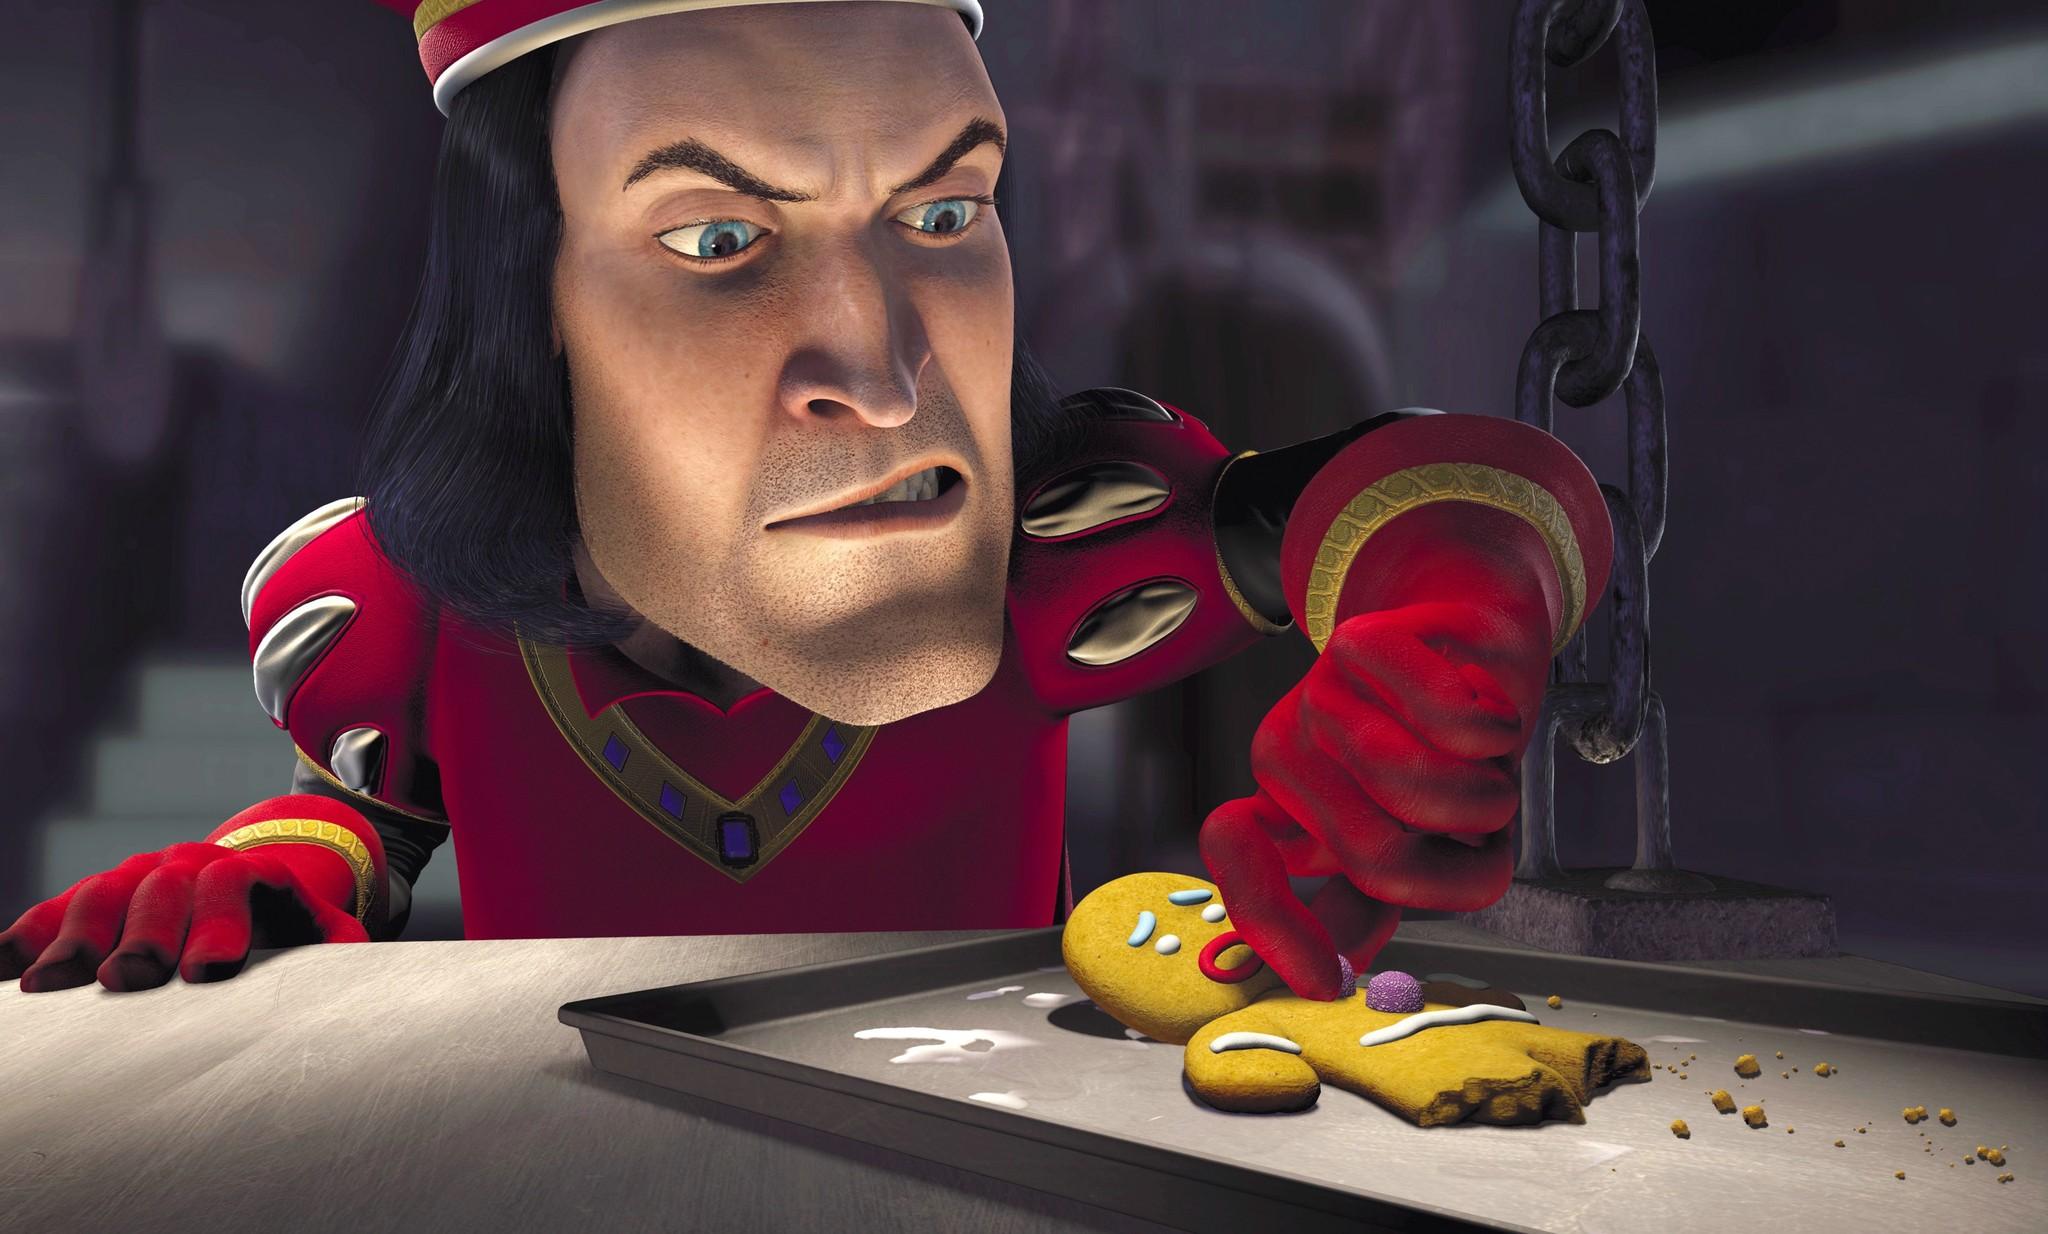 Lord Farquaad, Shrek